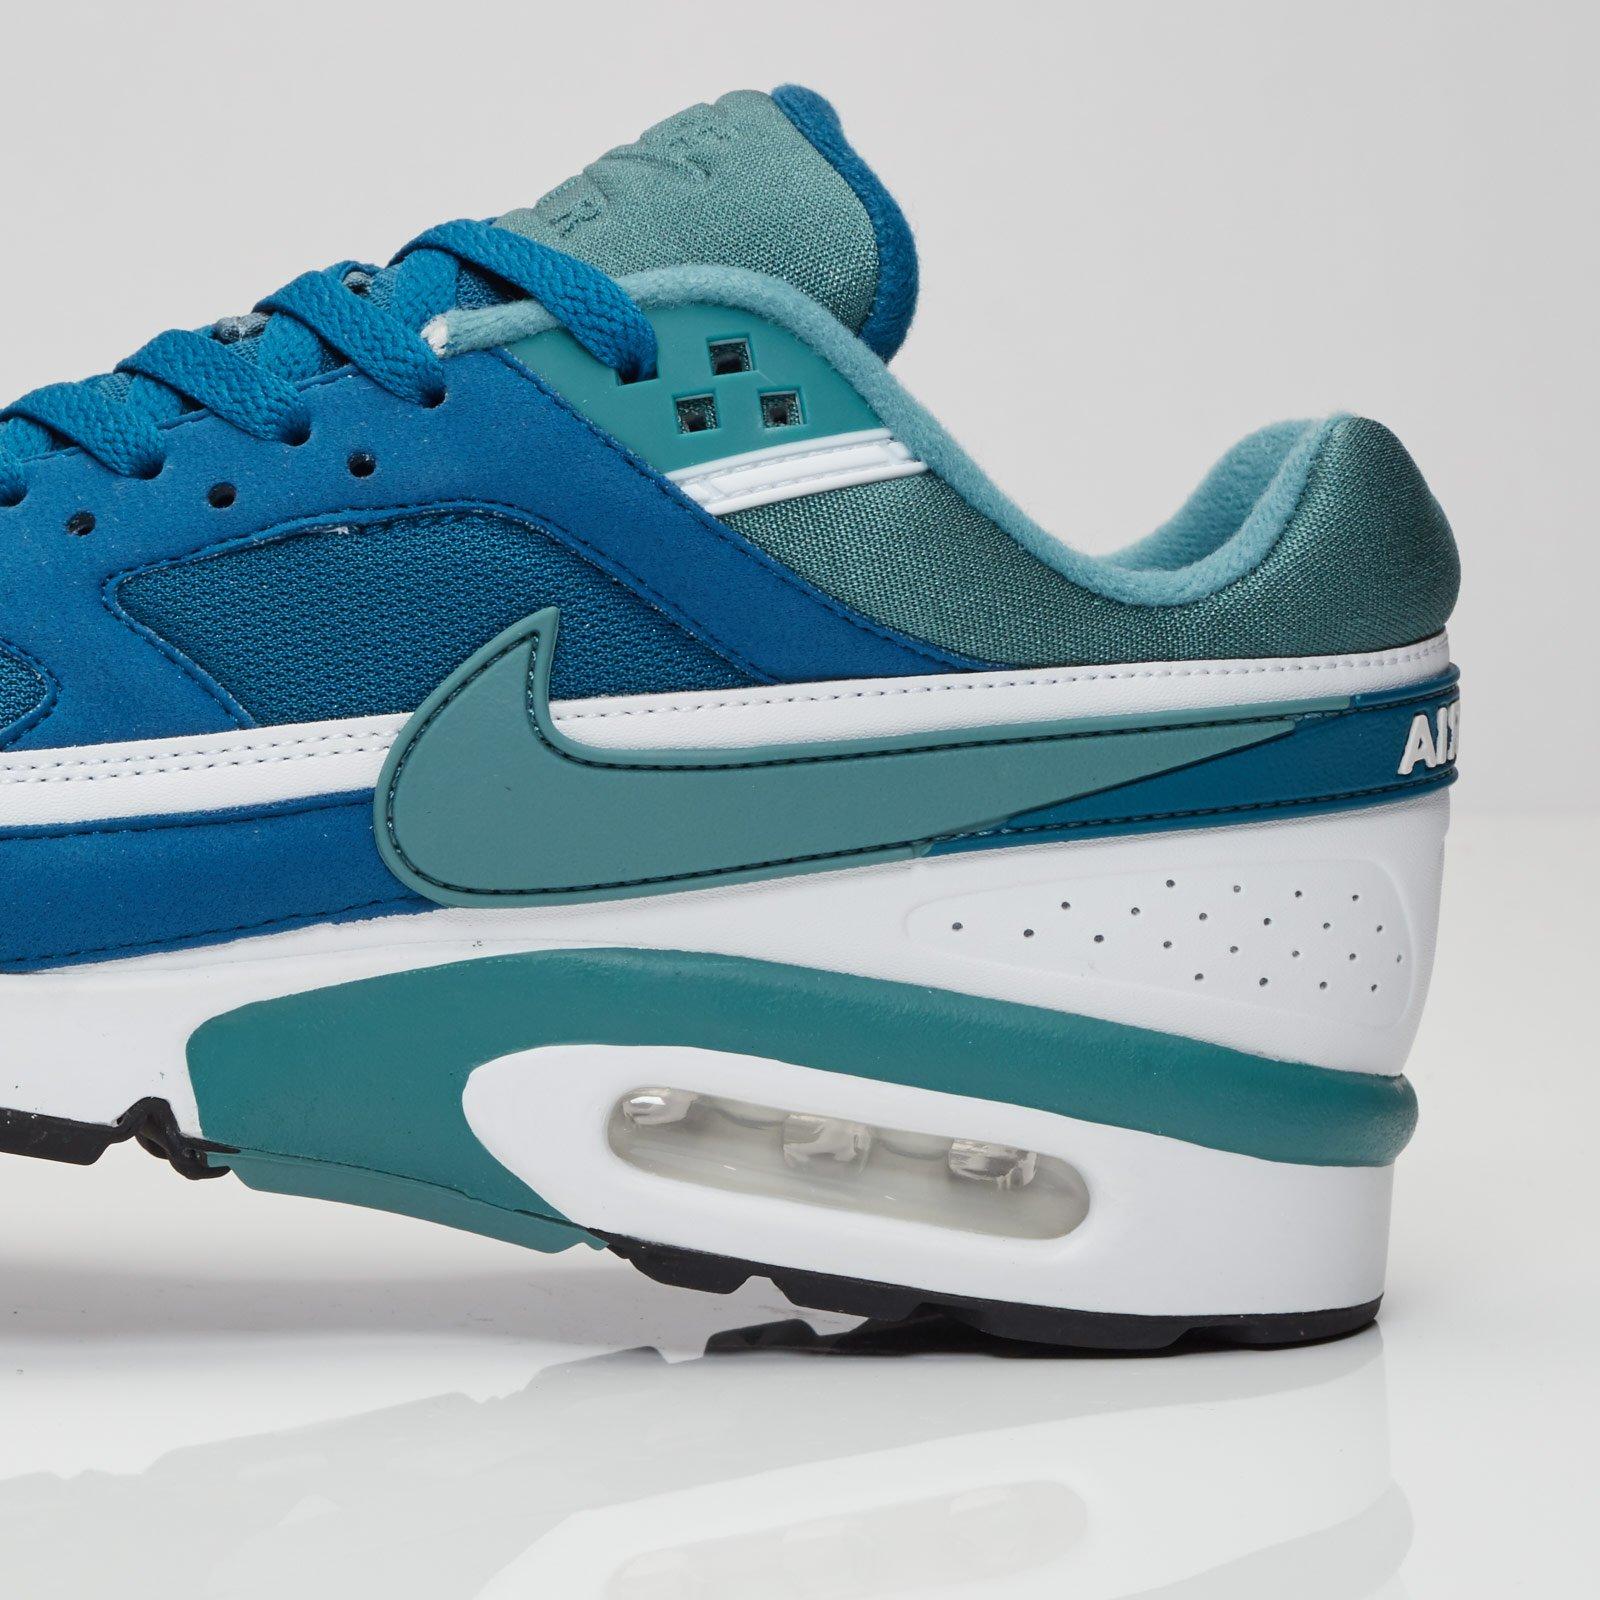 b60cb5eed6 Nike Air Max BW OG - 819522-401 - Sneakersnstuff | sneakers & streetwear  online since 1999